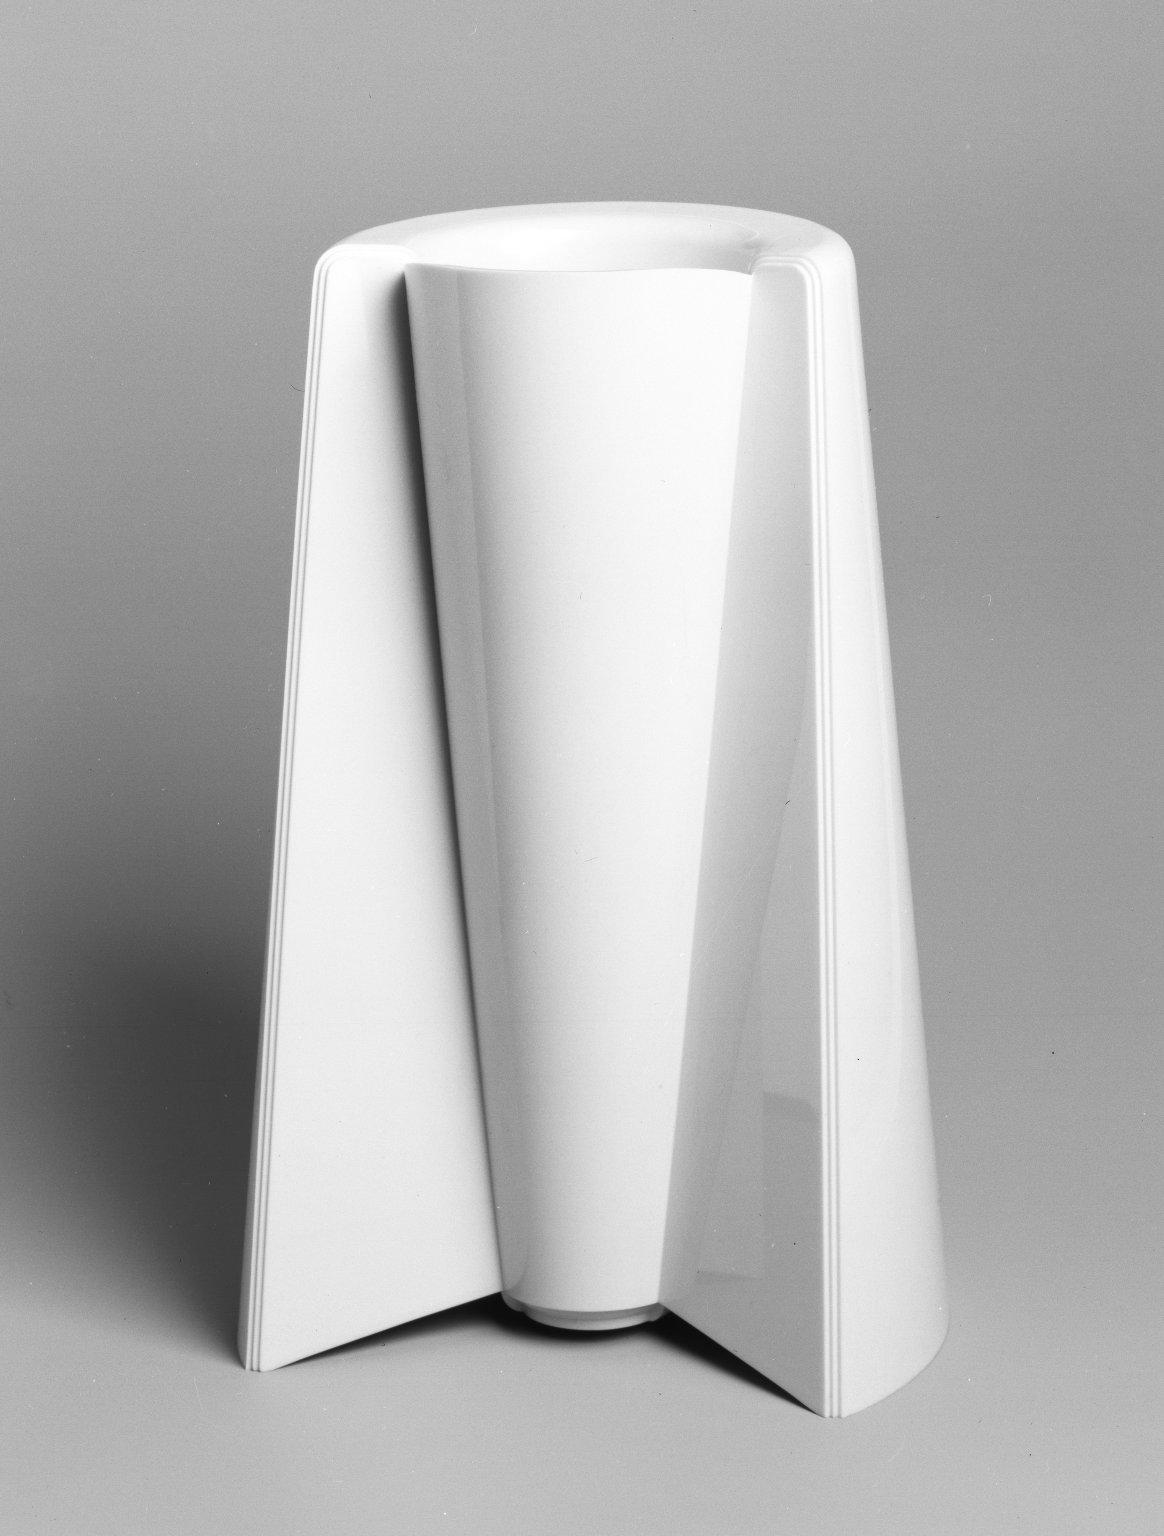 brooklyn museum decorative arts vase 39 pago pago 39 model 90052 y. Black Bedroom Furniture Sets. Home Design Ideas